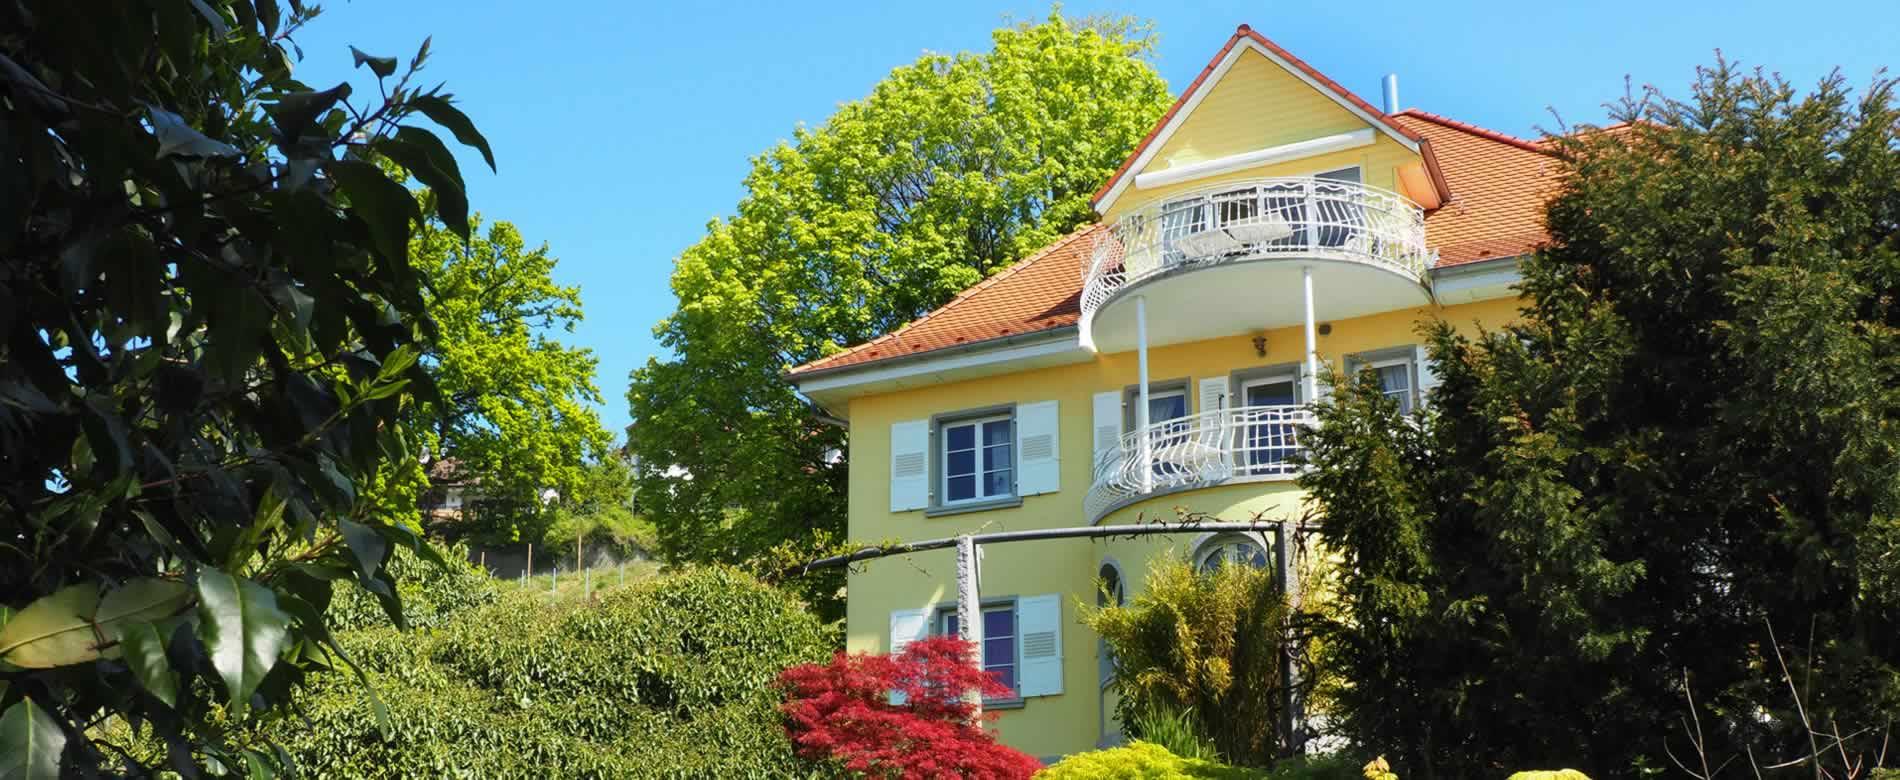 Ferienwohnung Pfarrhaus in Meersburg - Unsere Ferienwohnungen 1